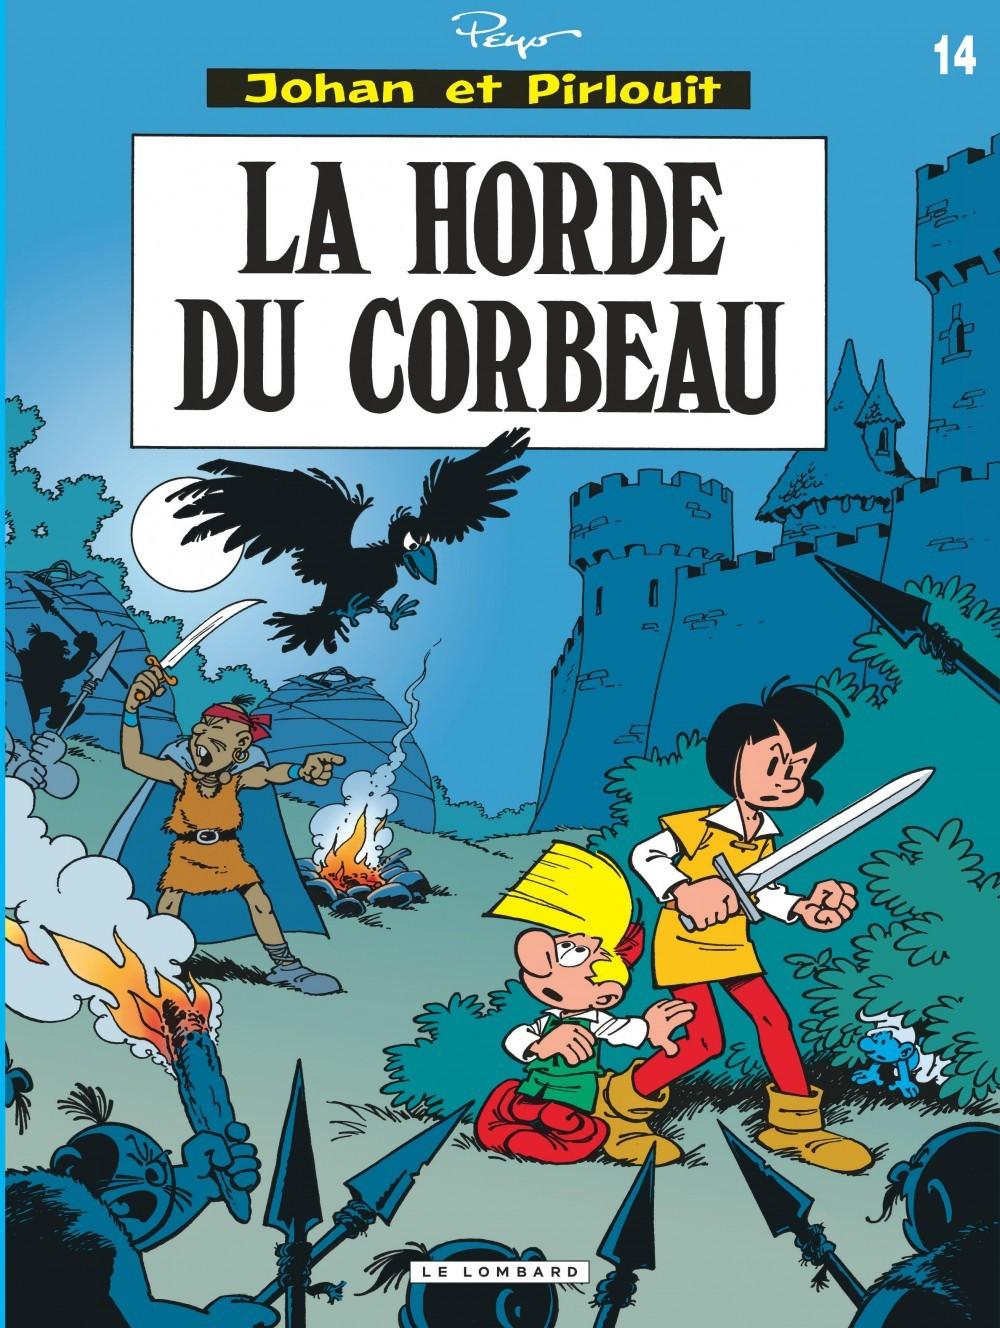 JOHAN & PIRLOUIT T14 LA HORDE DU CORBEAU